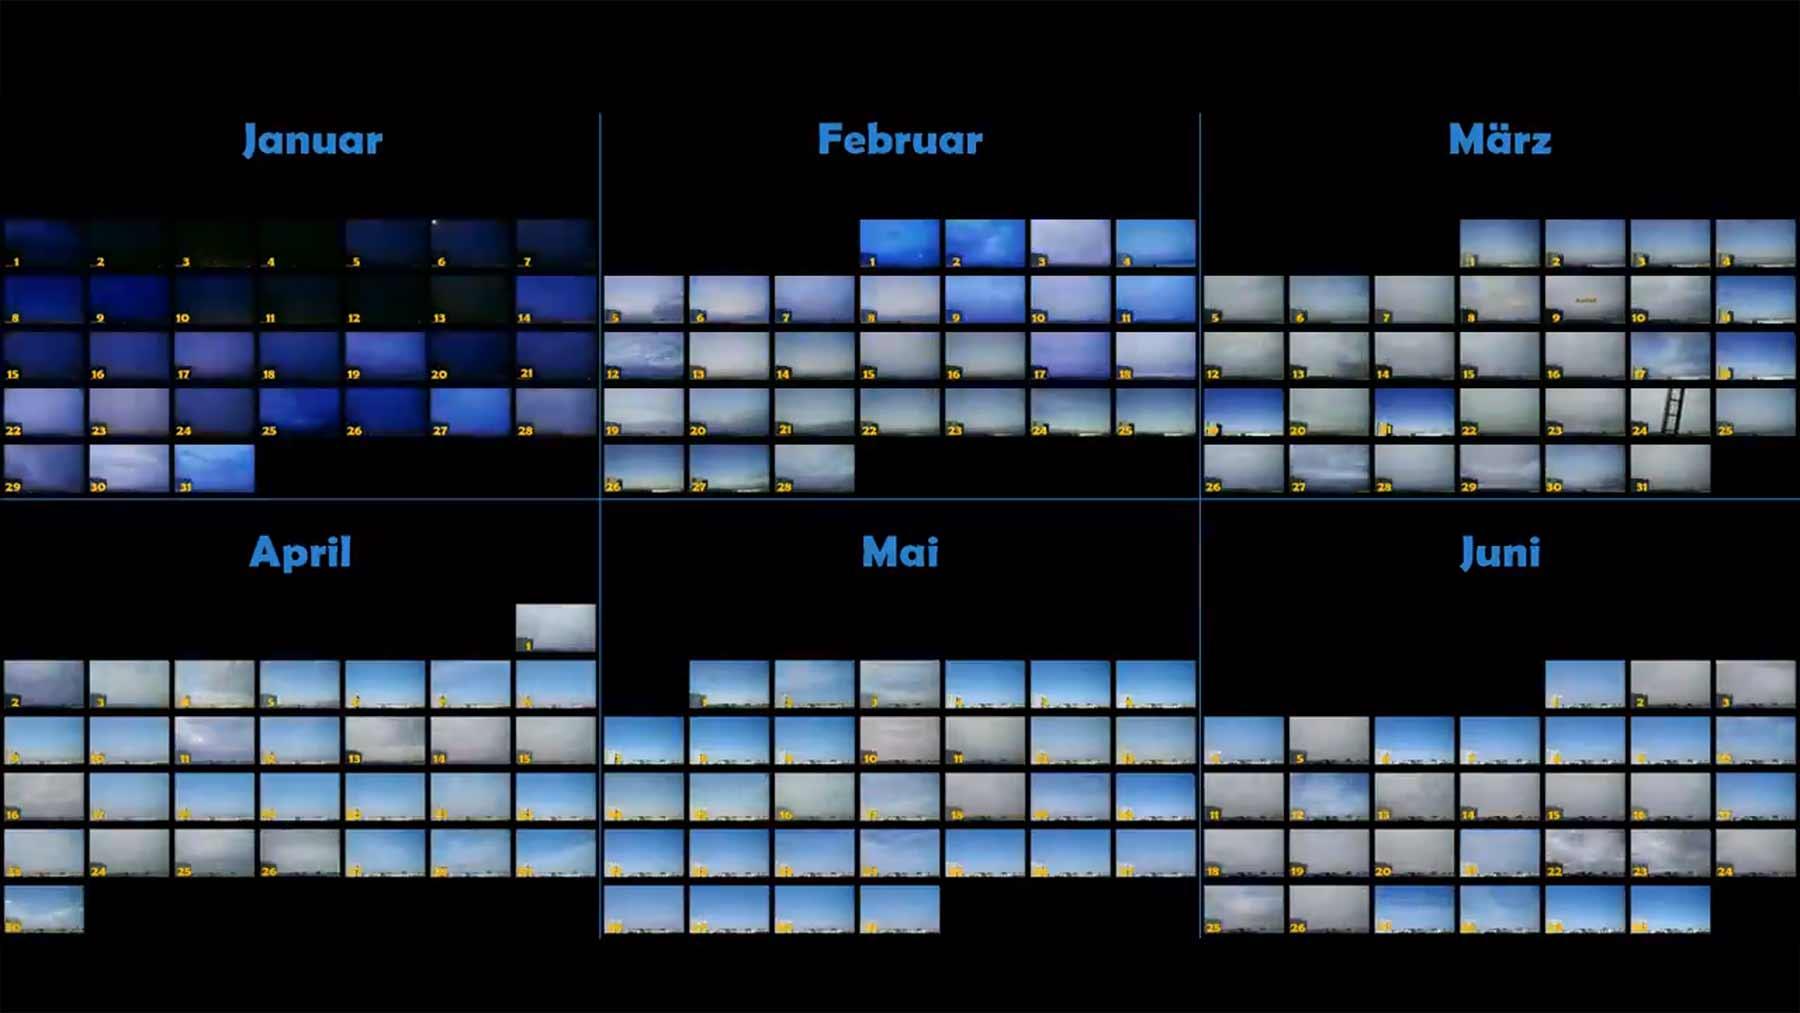 Ein halbes Jahr Berliner Himmel im Zeitraffer himmel-timelapse-berlin